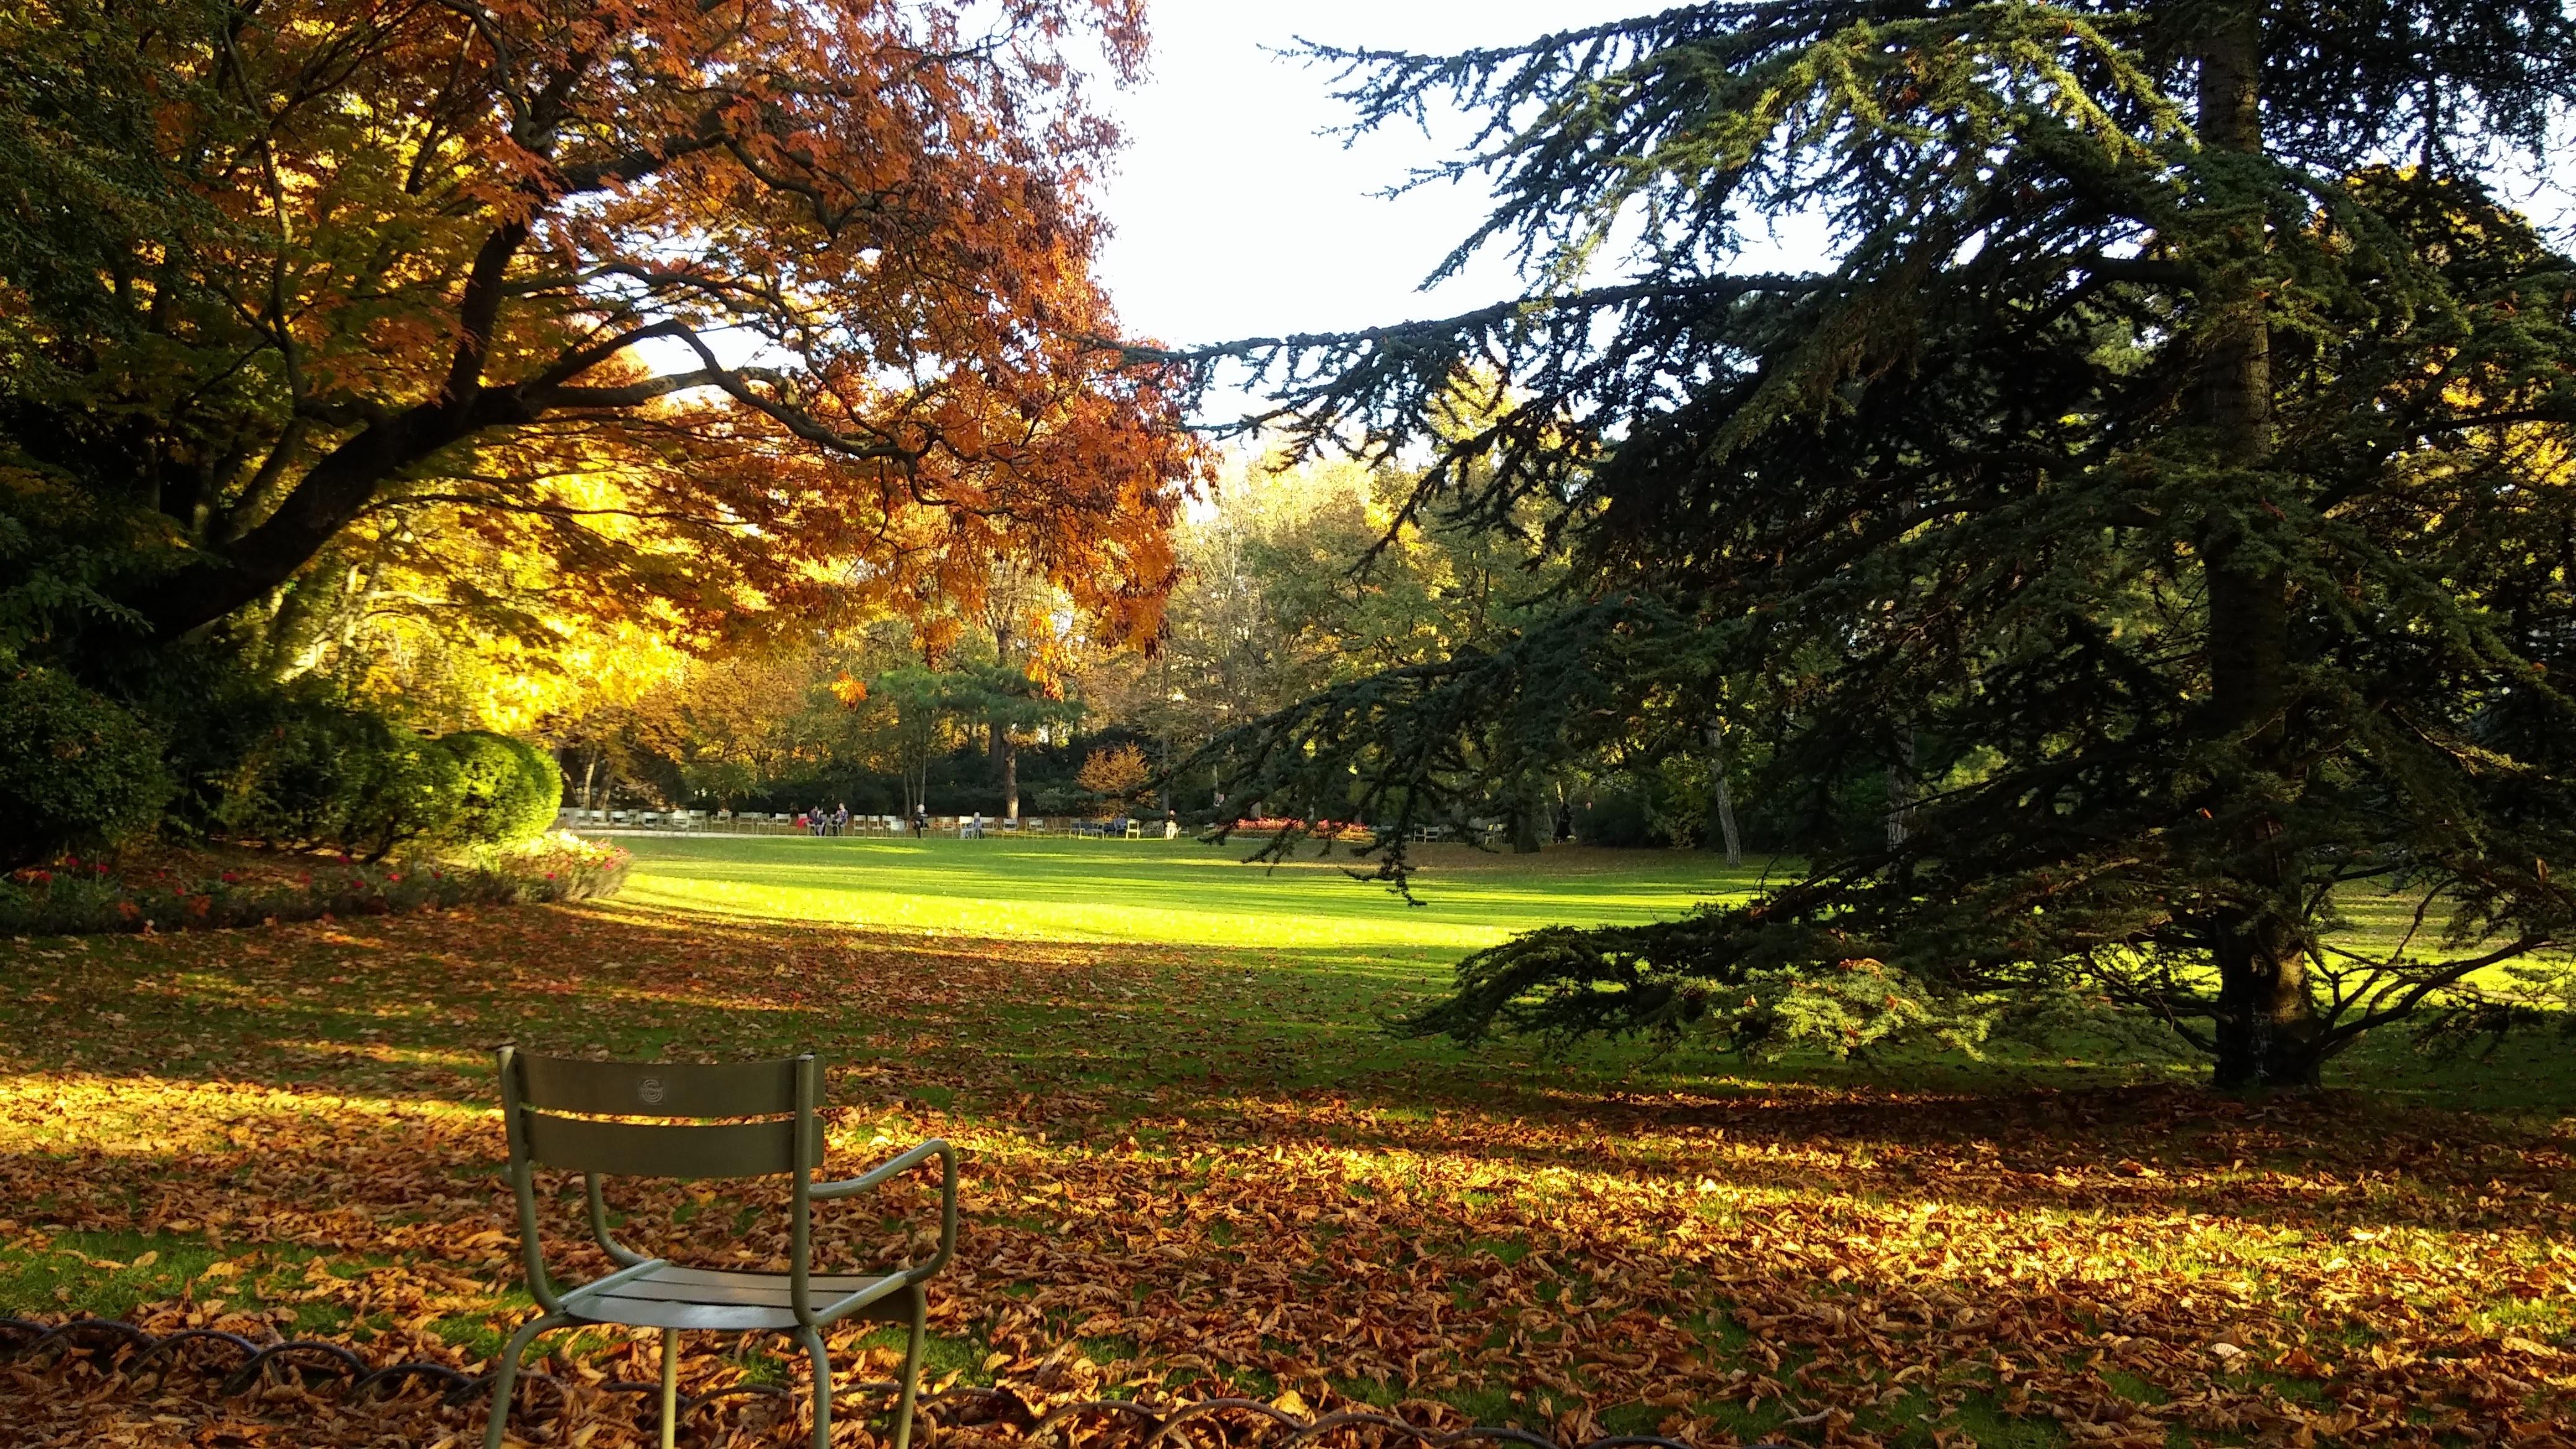 140225壁紙のダウンロード自然, フランス, パリ, ルクセンブルク, 公園, 秋, 椅子-スクリーンセーバーと写真を無料で